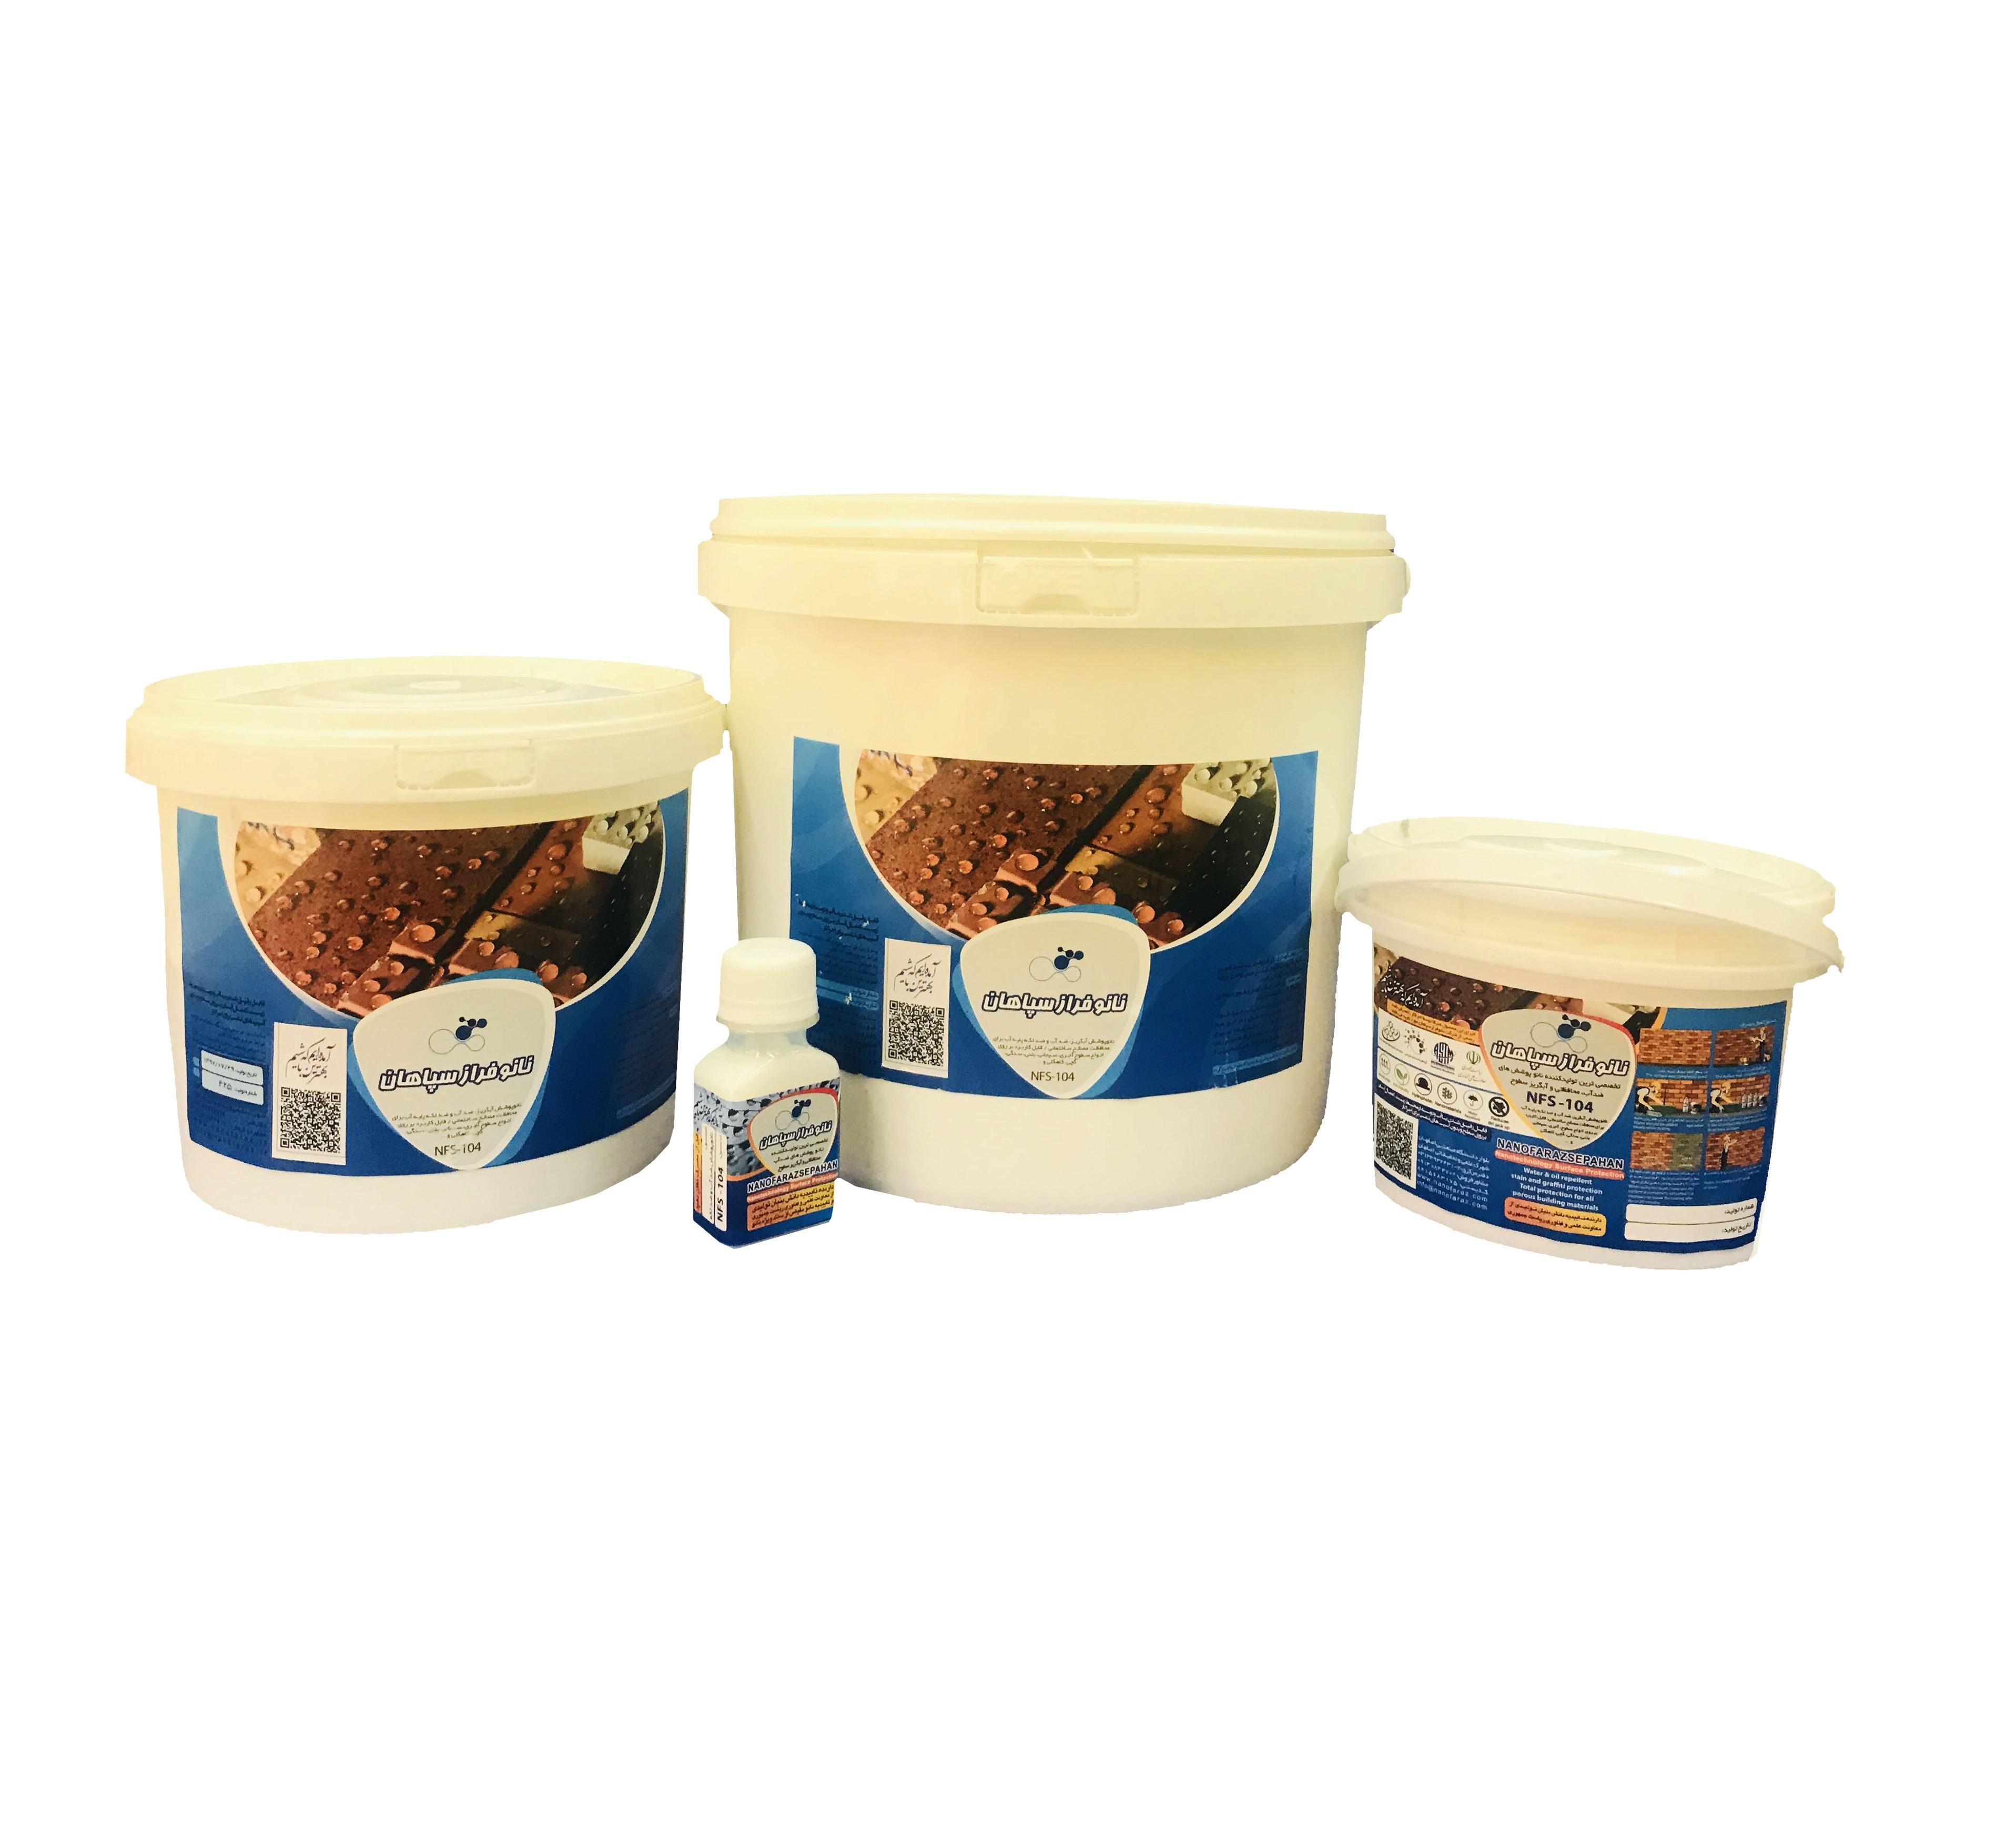 نانو پوشش آبگریز، روغن گریز، ضد لکه و ضد نوشتار - 104-NFS